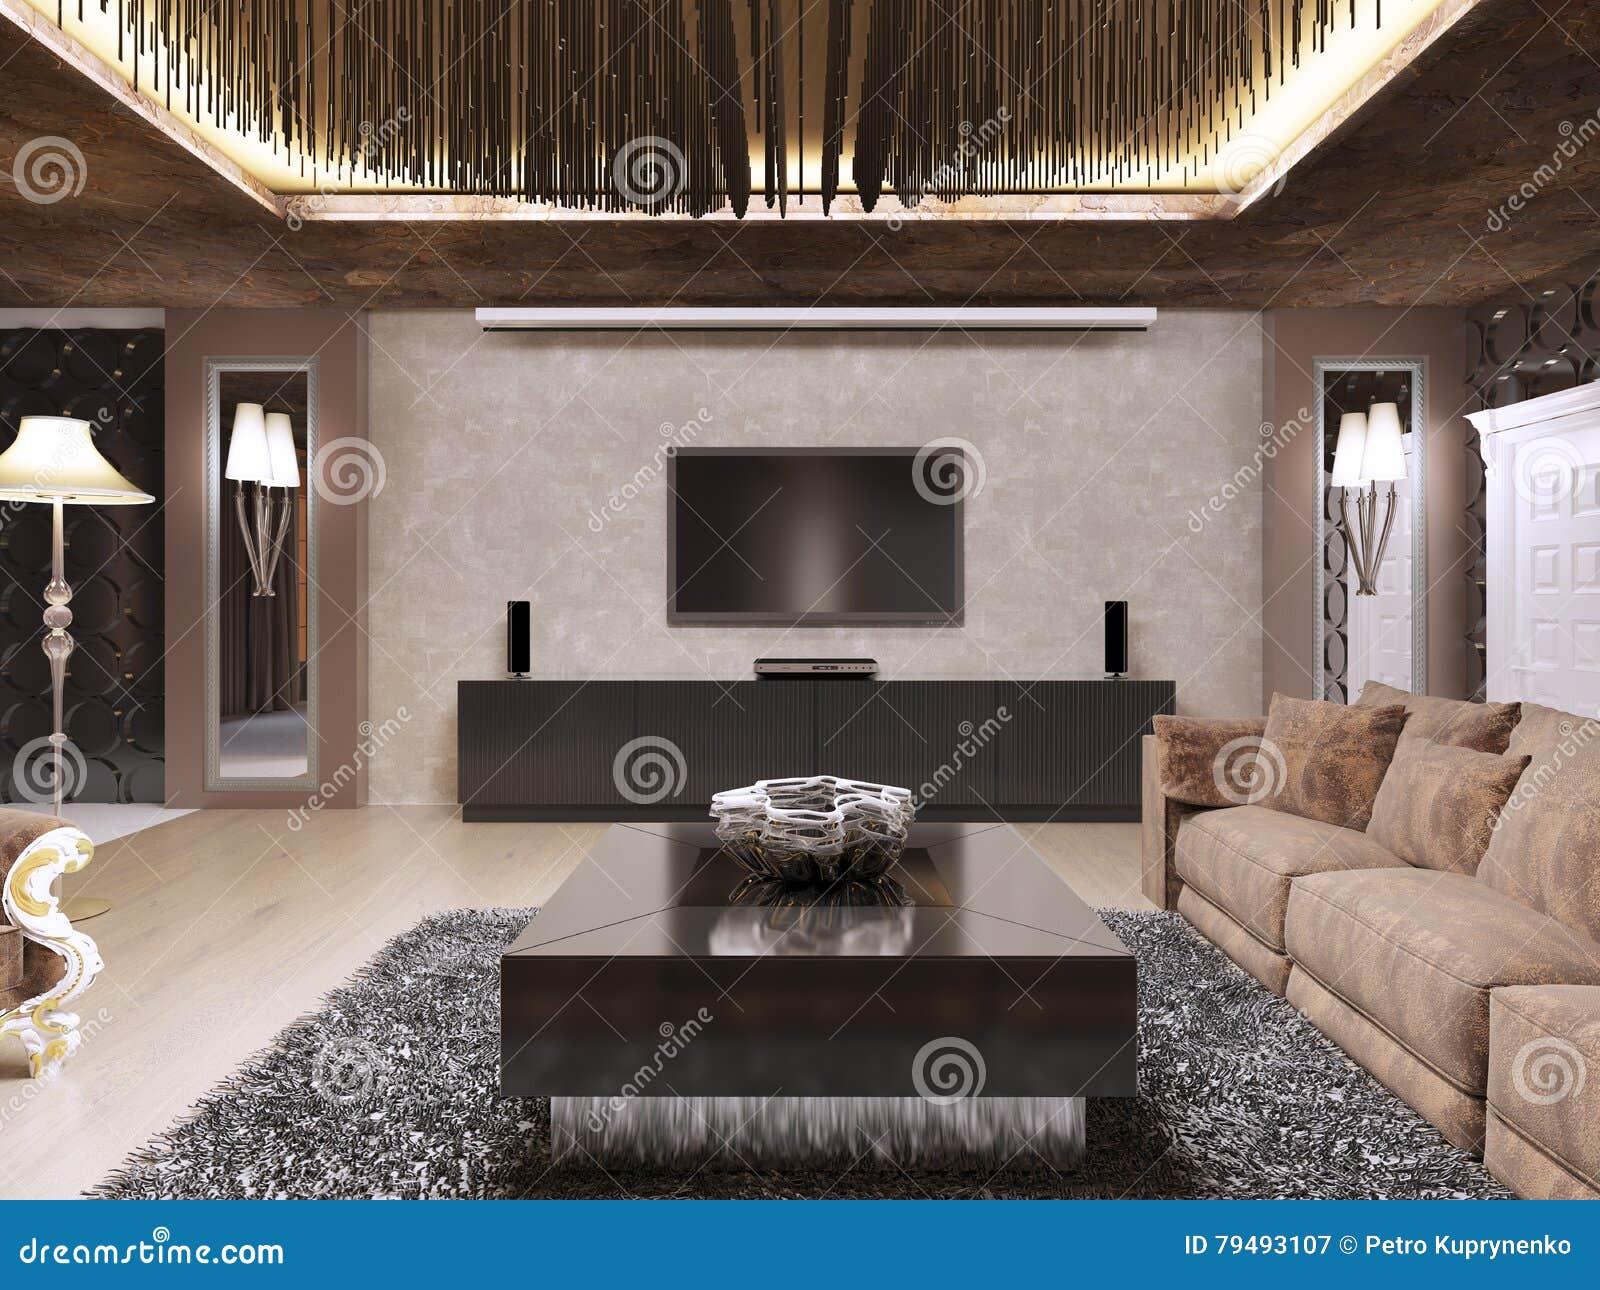 Fernseheinheit im Luxuswohnzimmer entwarf in der modernen Art